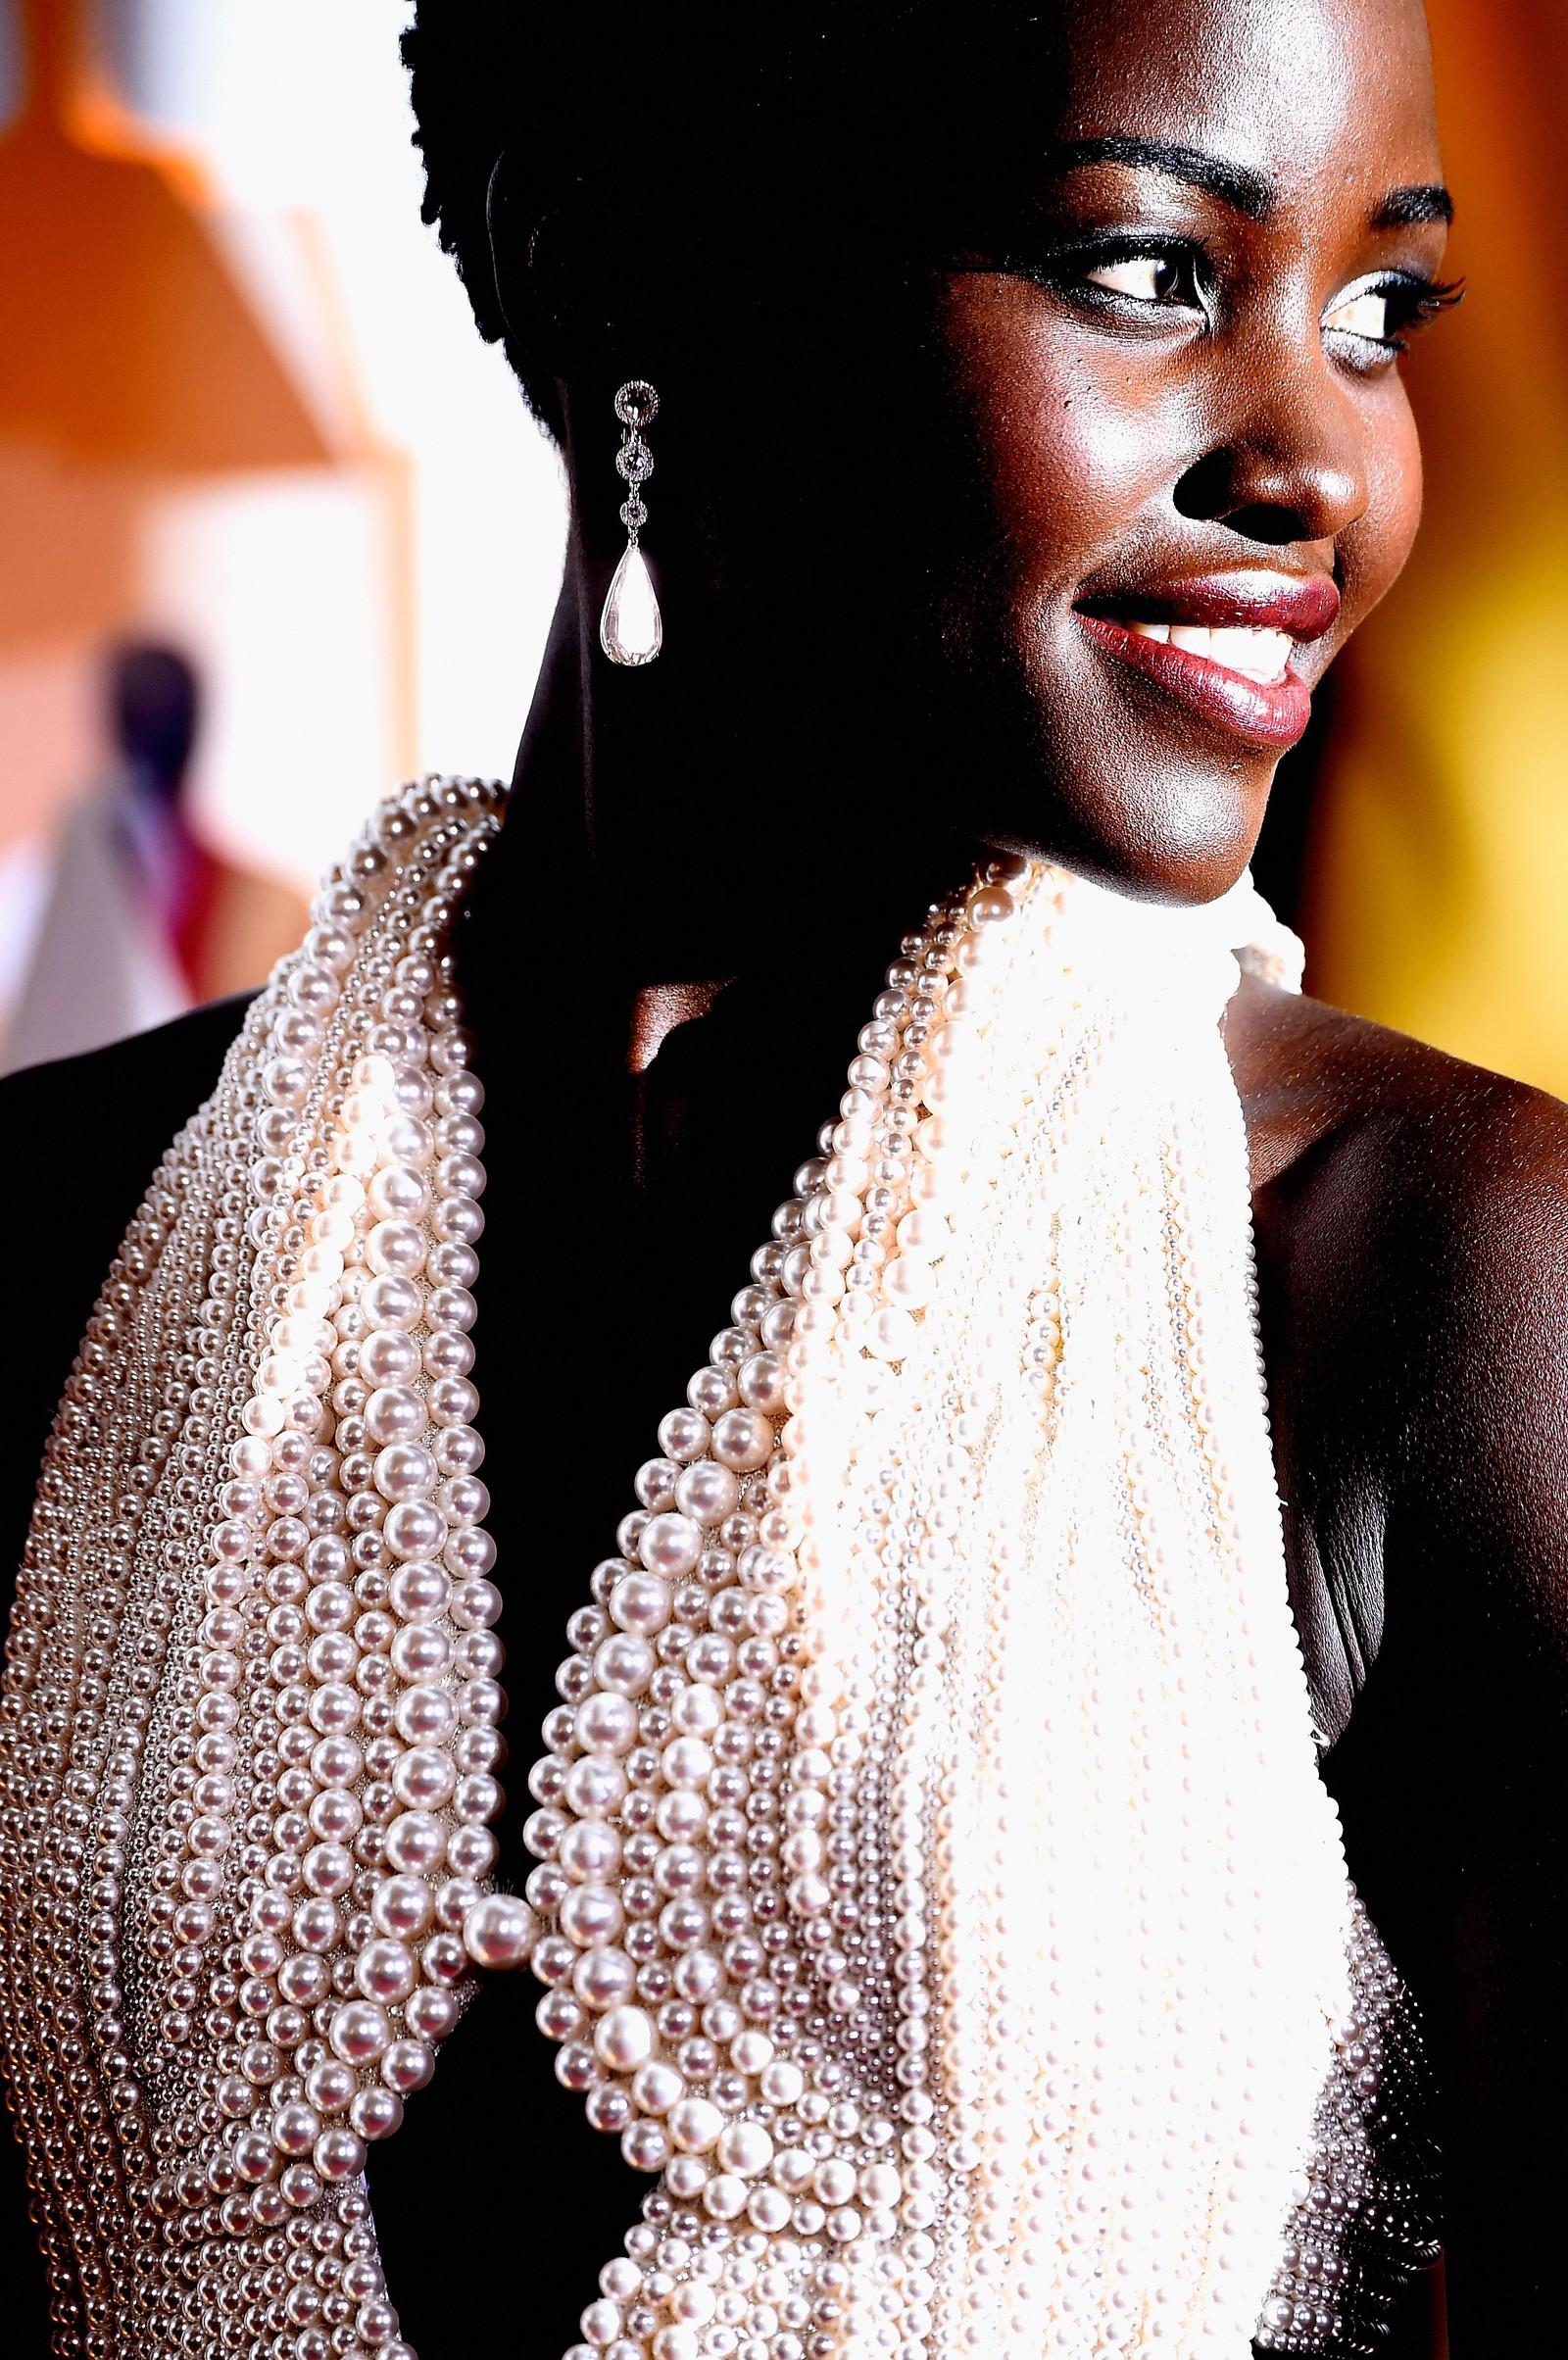 NUMMER EN: En fantastisk kjole i årets trend-«farge»: Hvit Calvin Klein, med 6.000 håndsydde perler, mener NRKs ekspert om Lupita Nyong'os antrekk.